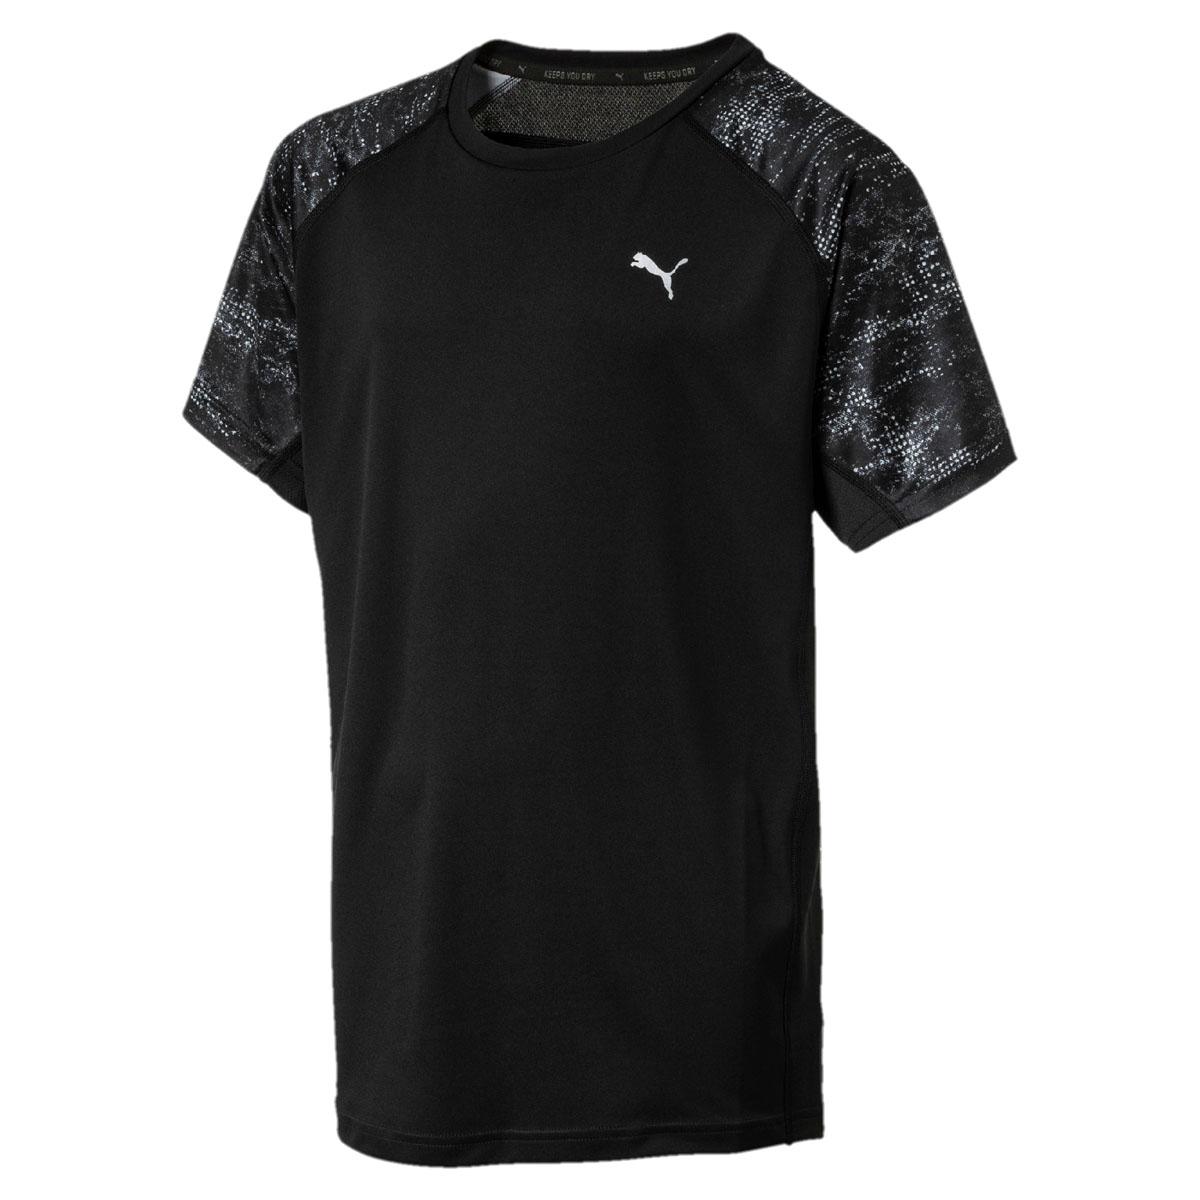 Футболка для мальчика Puma Gym AOP Tee, цвет: черный. 595072017. Размер 128595072017